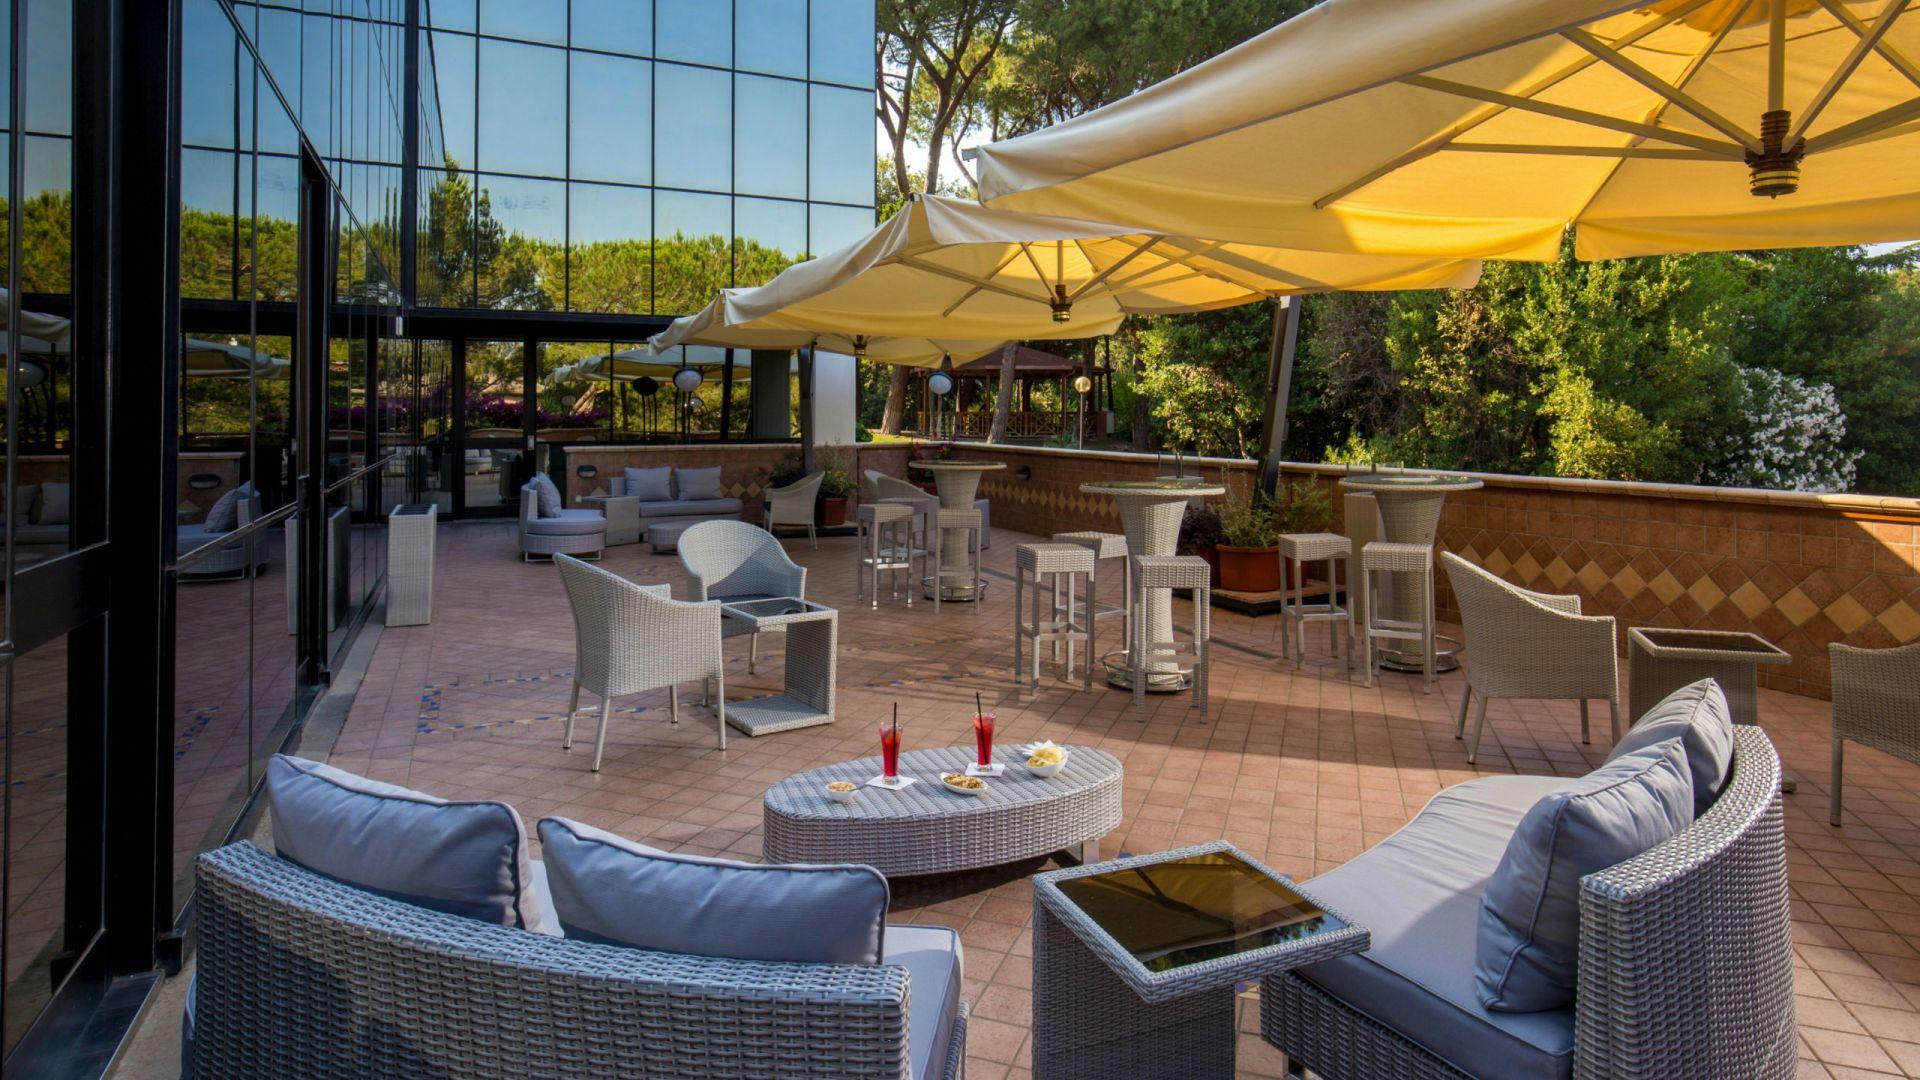 villa-aurelia-hotel-rom-aussichts-bar-02